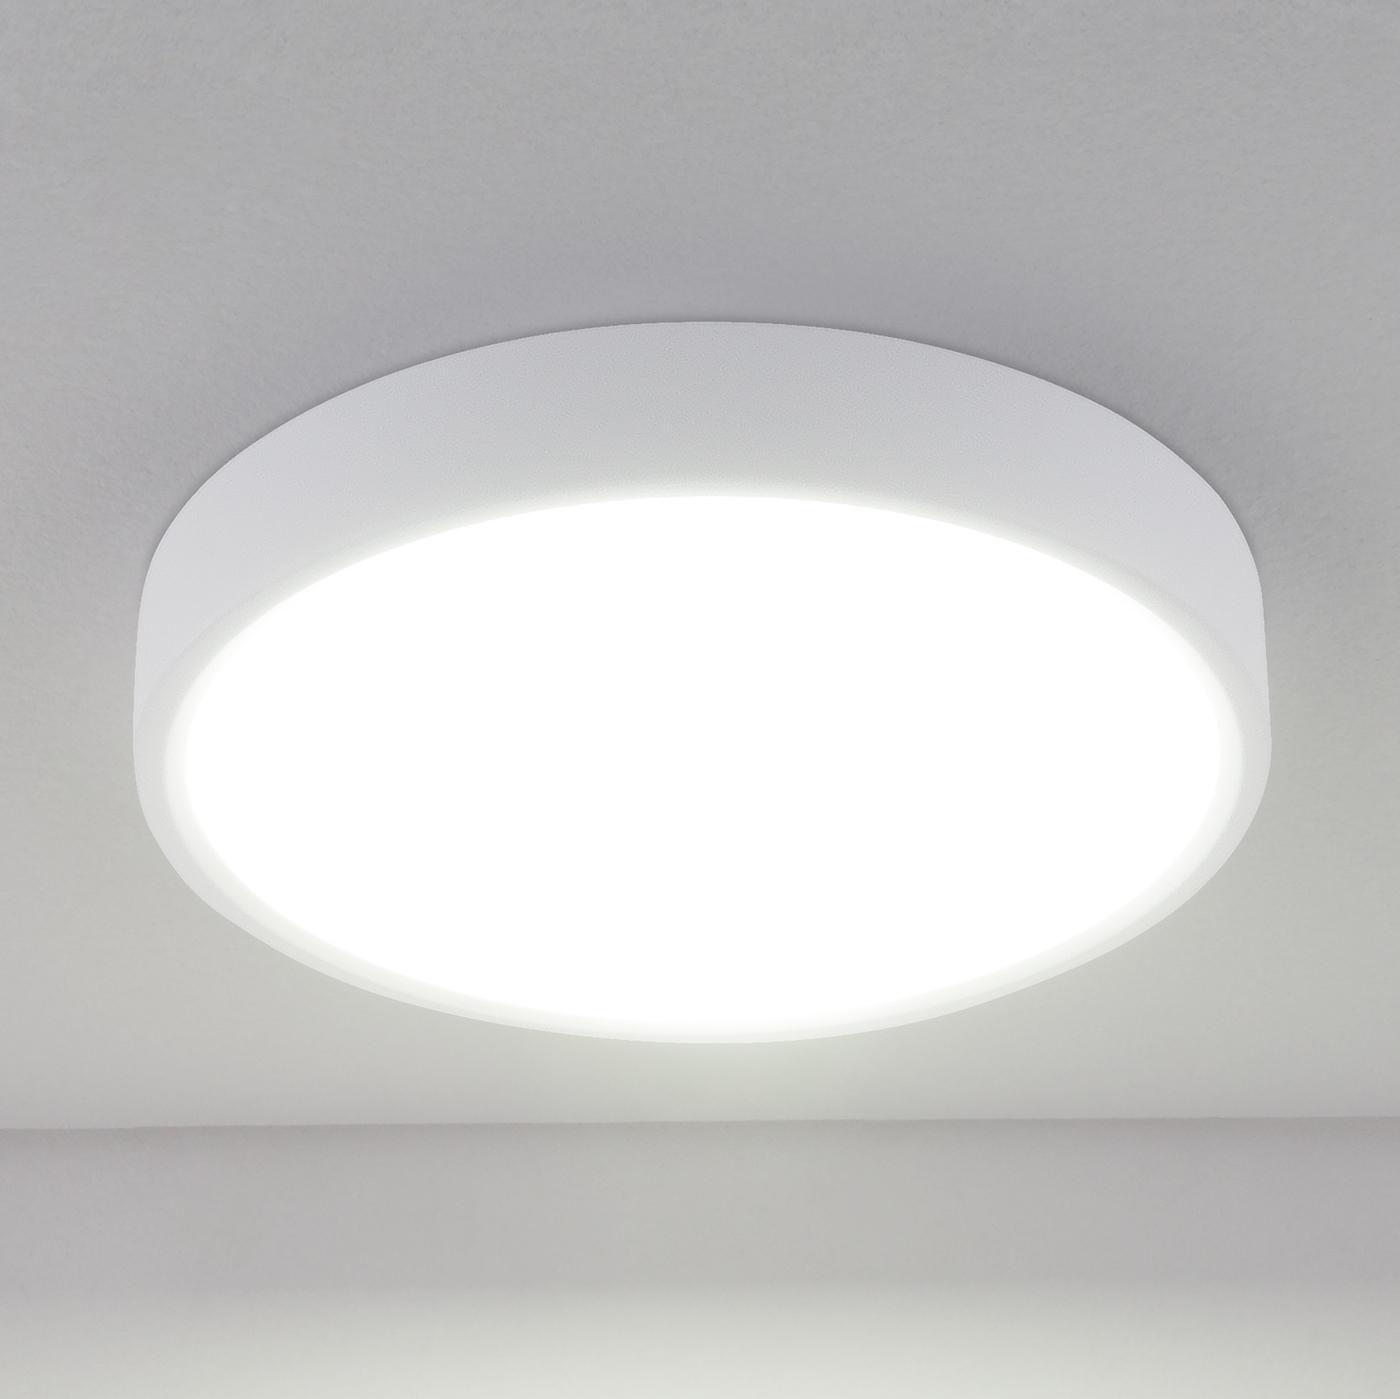 DLR034 18W 4200K/ Светильник светодиодный стационарный